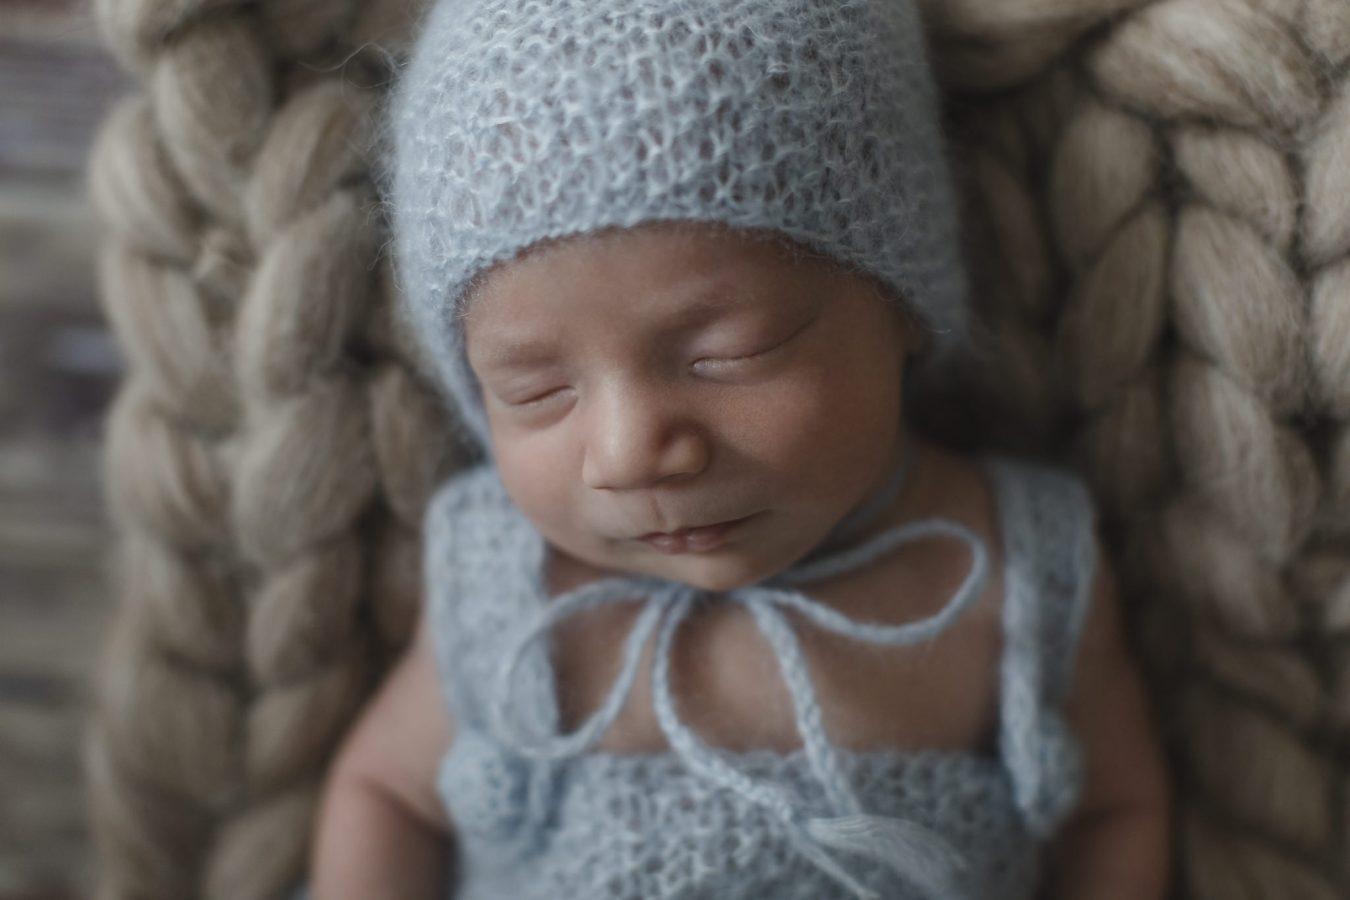 Babyfotograf Hamburg - Baby schläft mit blauer Mütze